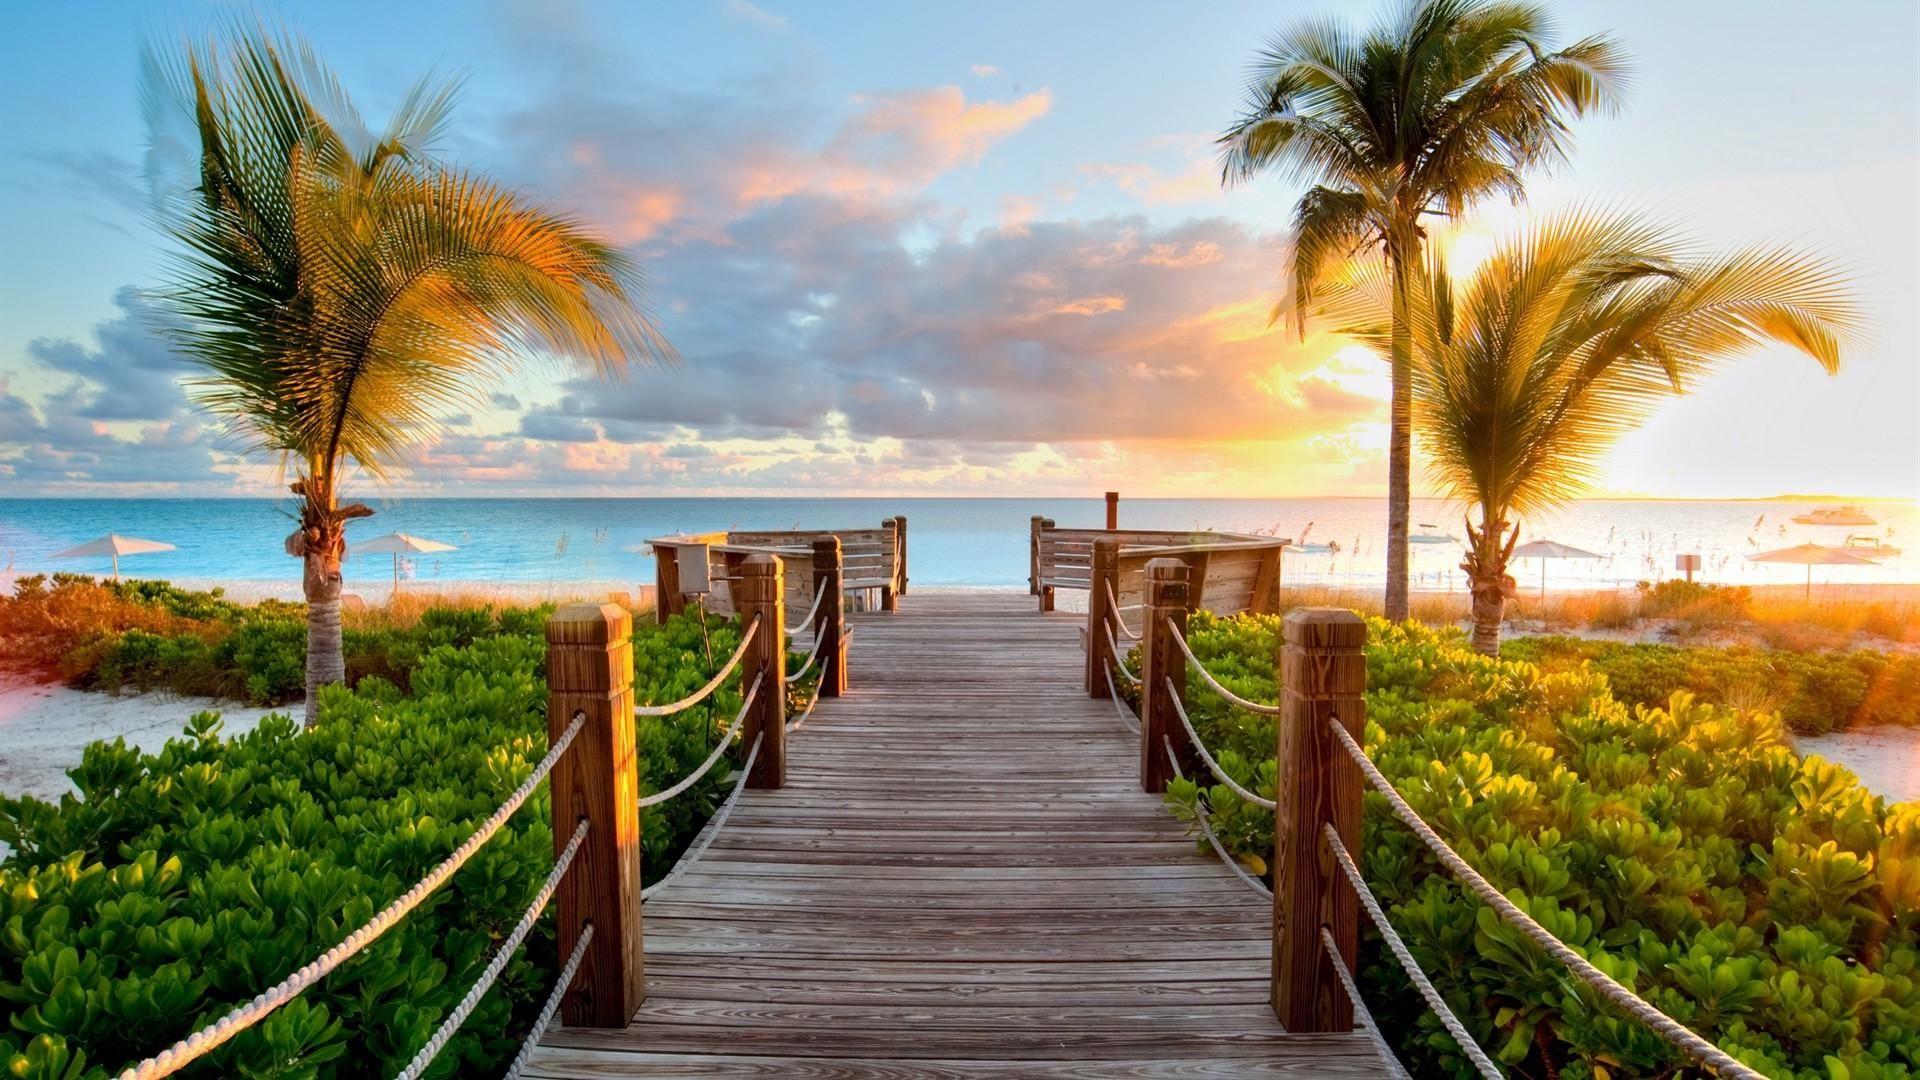 Tropical Beach Hd Wallpaper 1920x1080 Id 43948 Beach